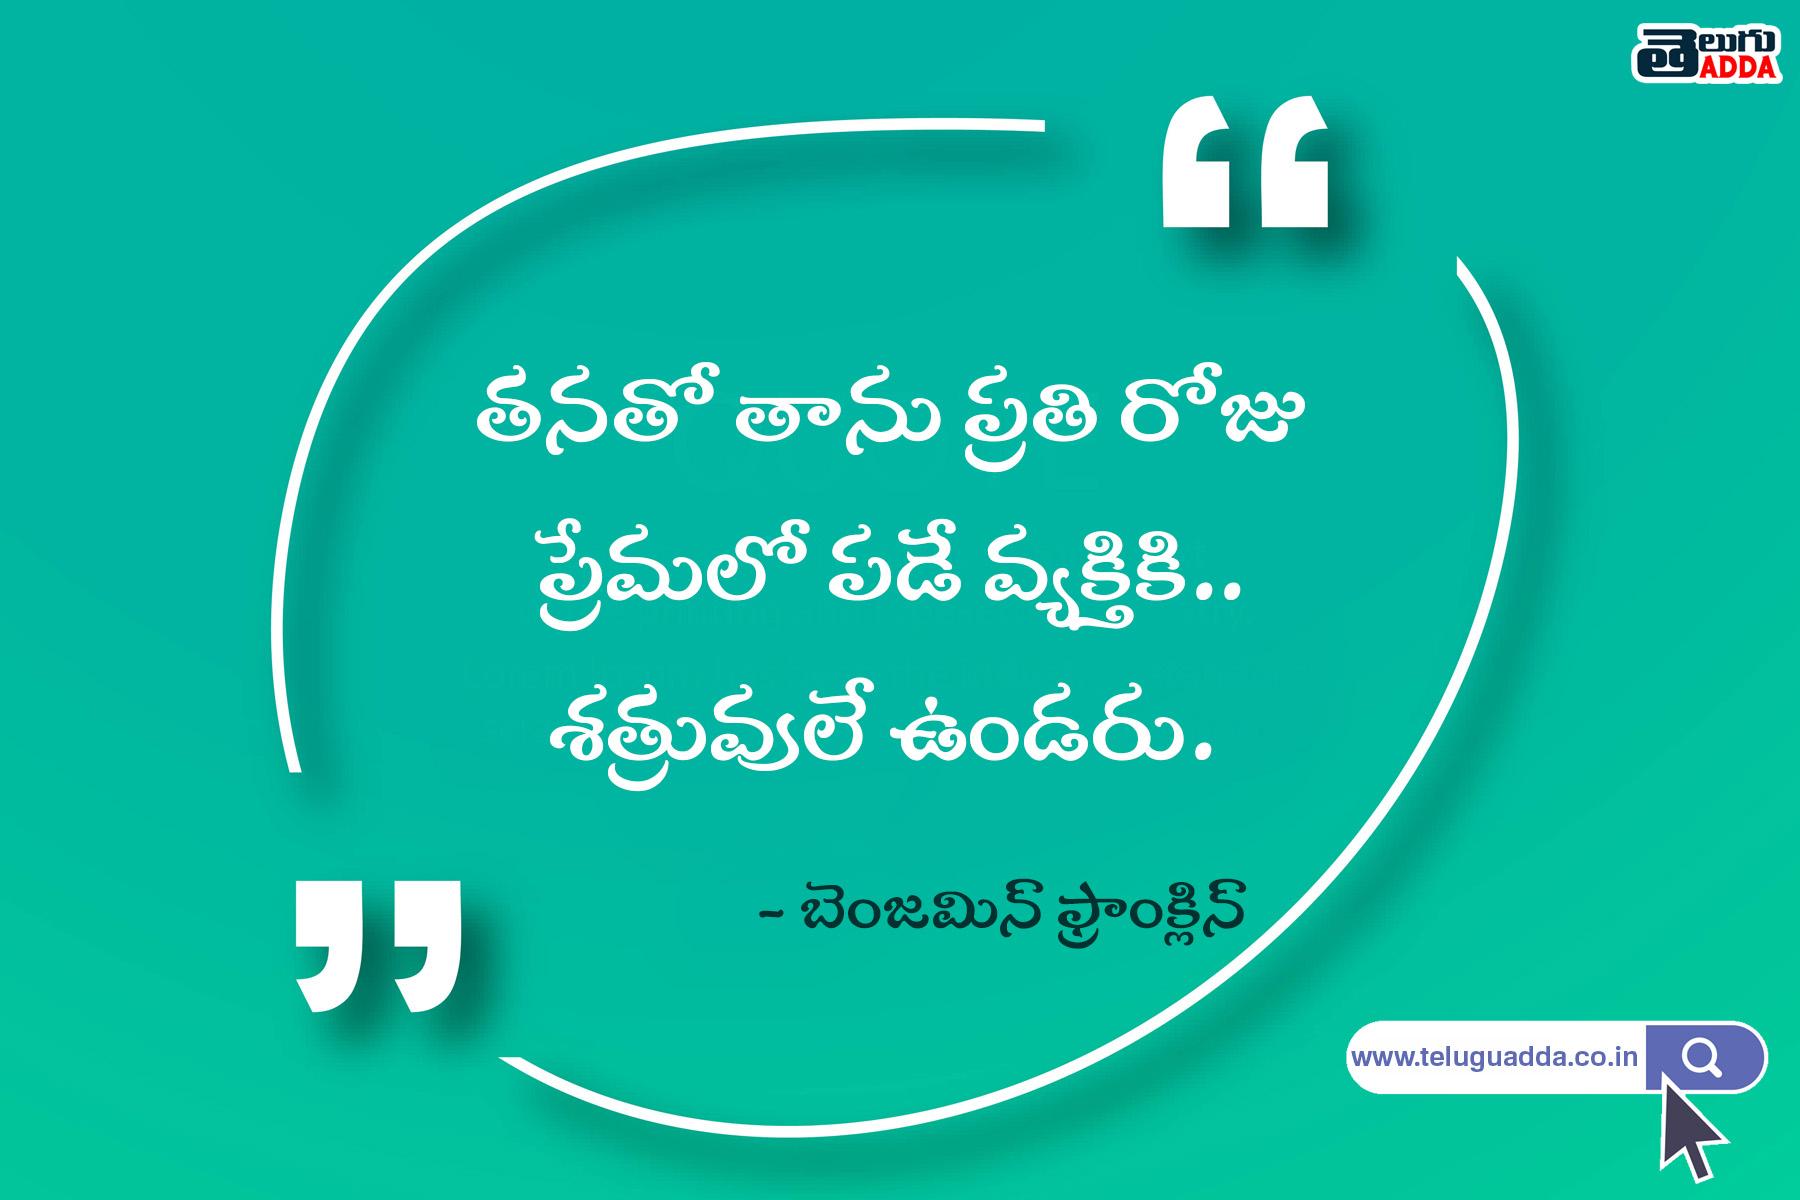 famous telugu quotes